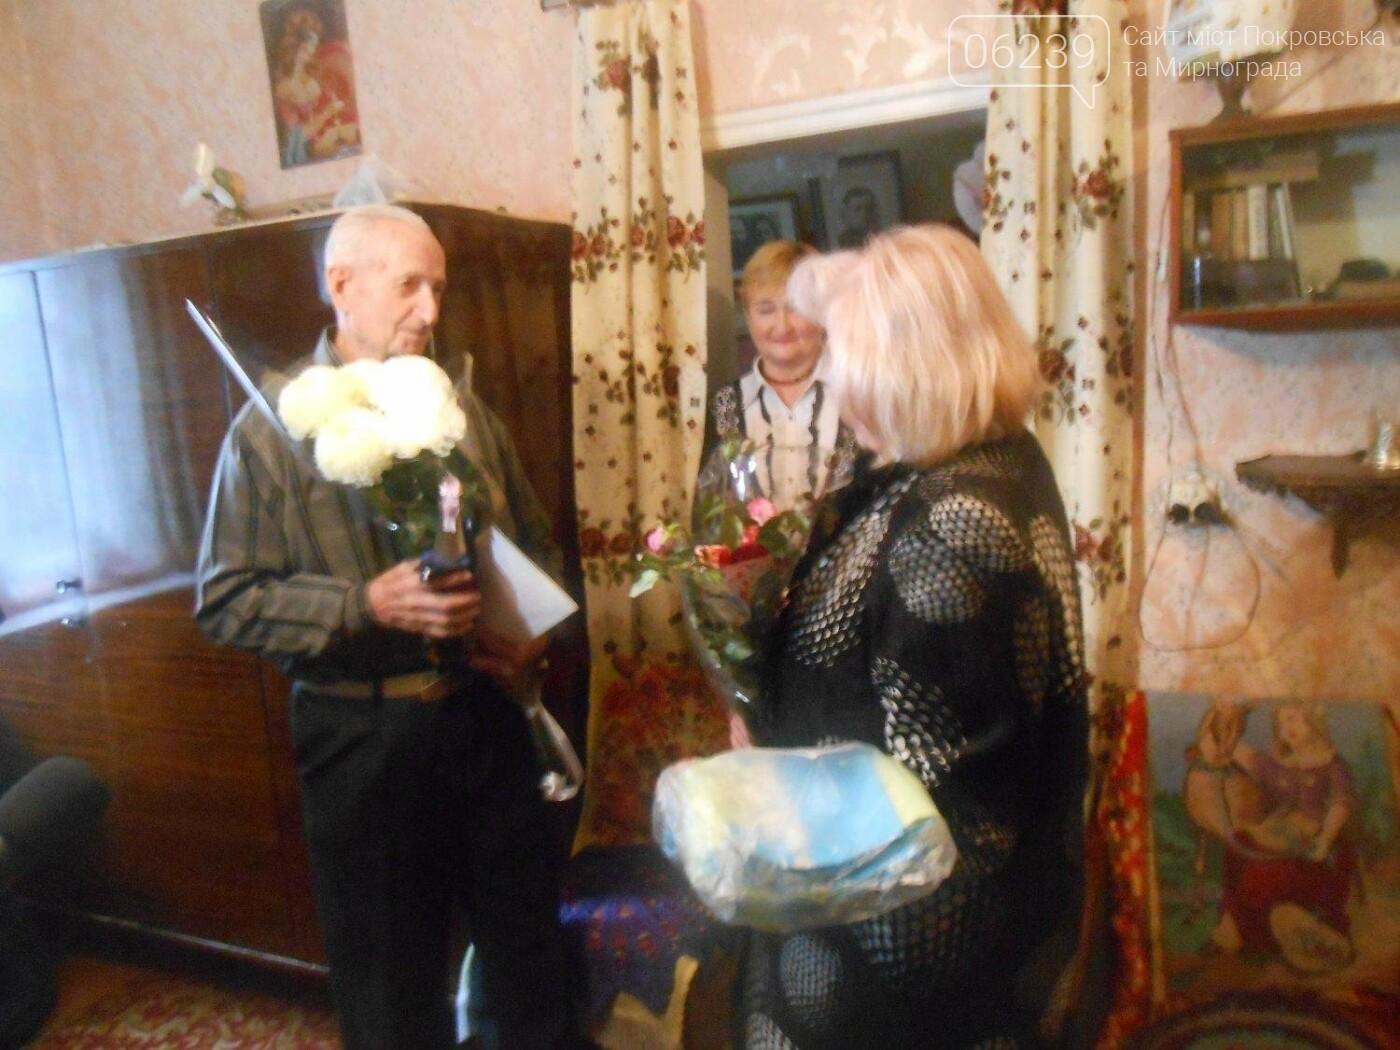 В Покровске спасатели поздравили ветерана пожарной охраны с 90-летним юбилеем, фото-2